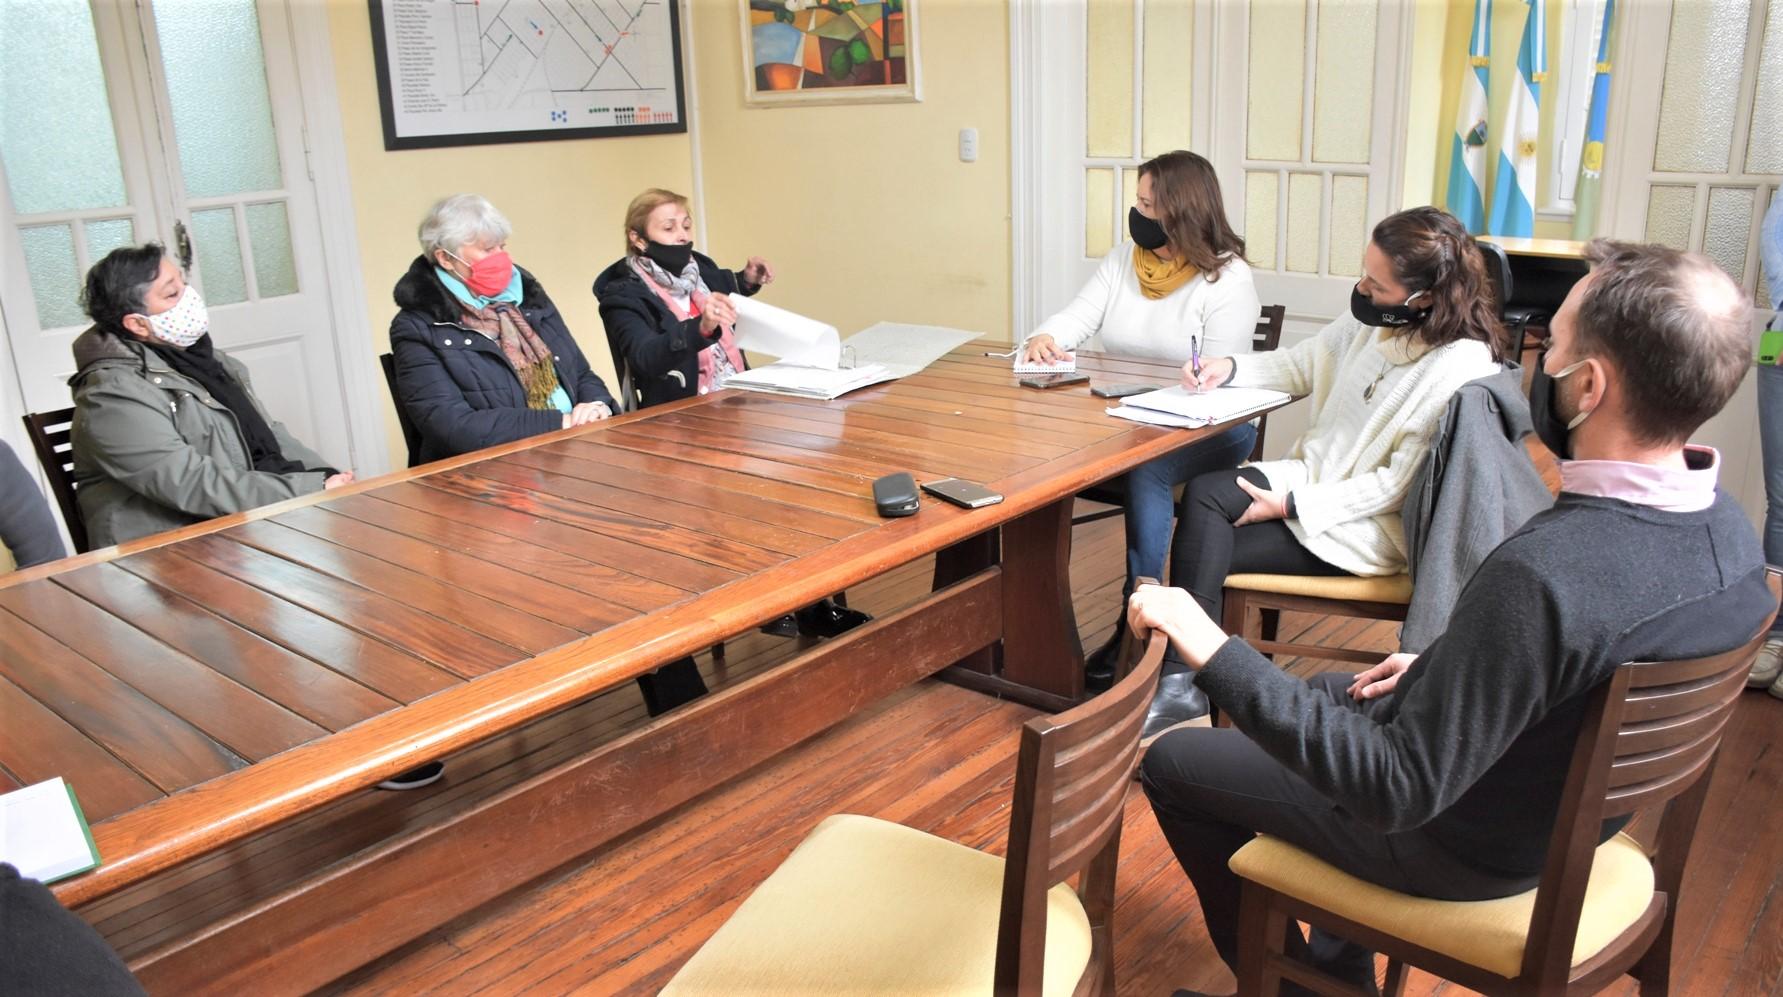 Vecinos del Malvinas piden soluciones a los problemas edilicios y de recolección de residuos que tiene el barrio